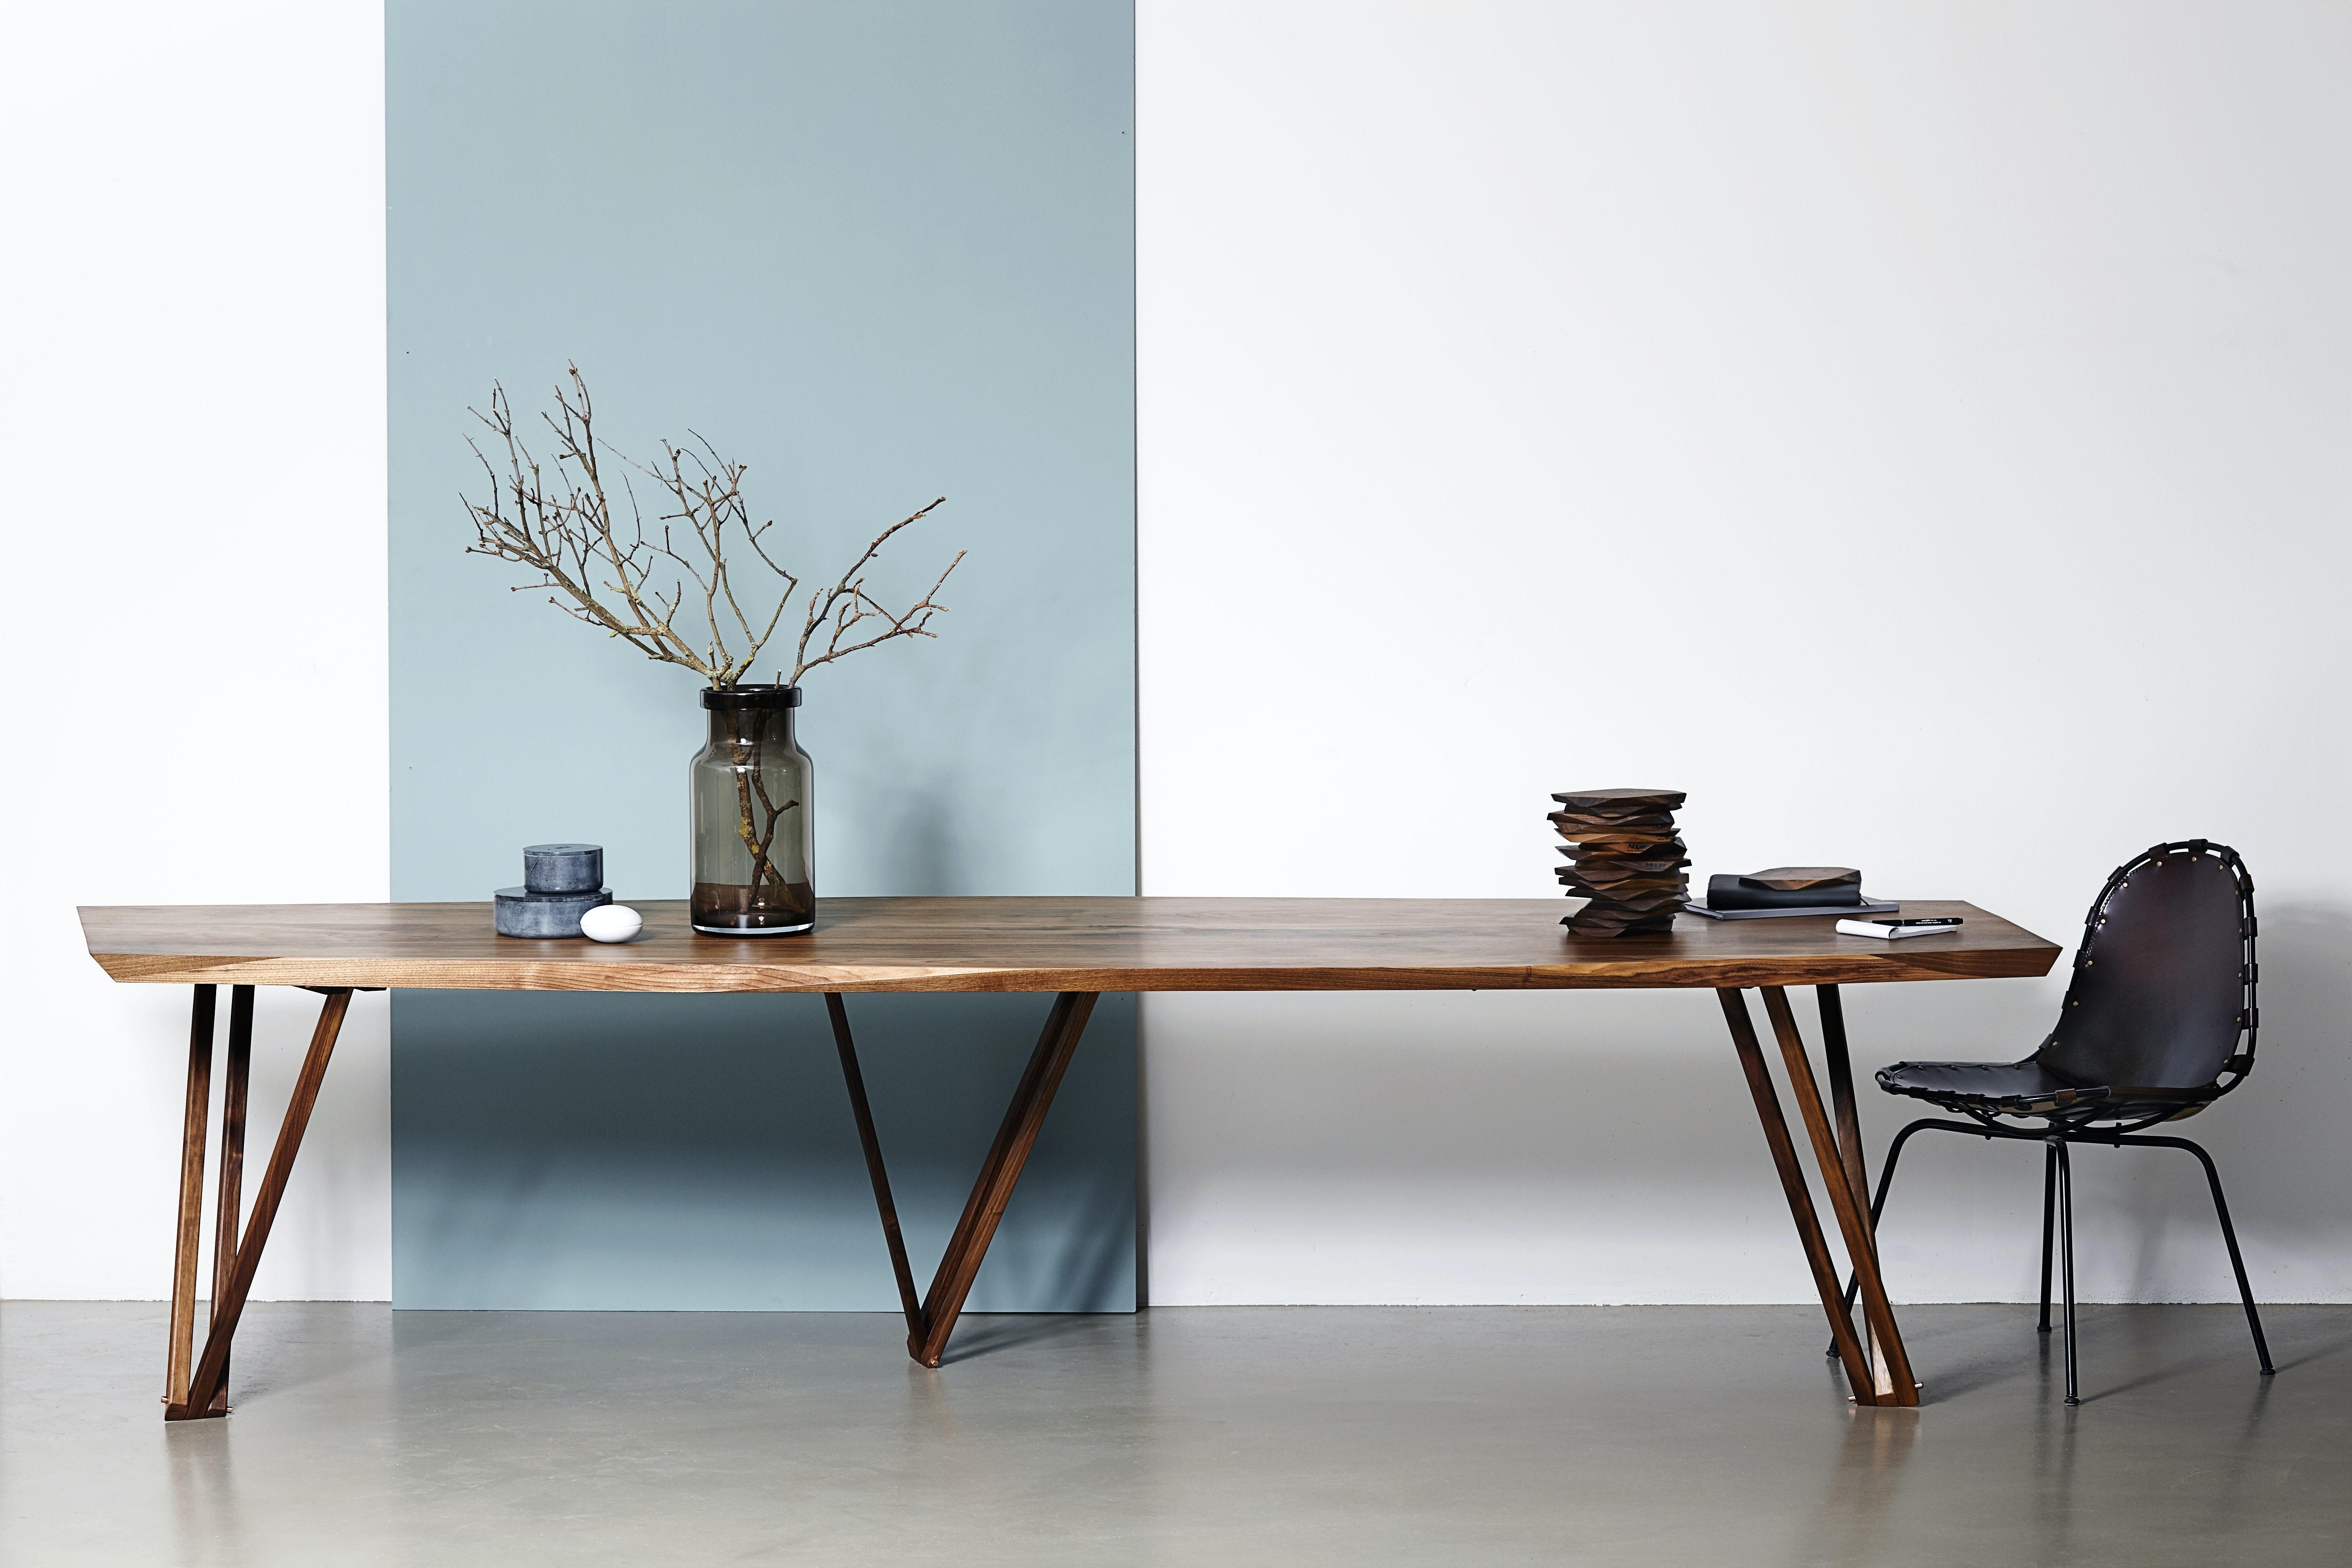 Et 3 meter langt konferencebord fra Noyer